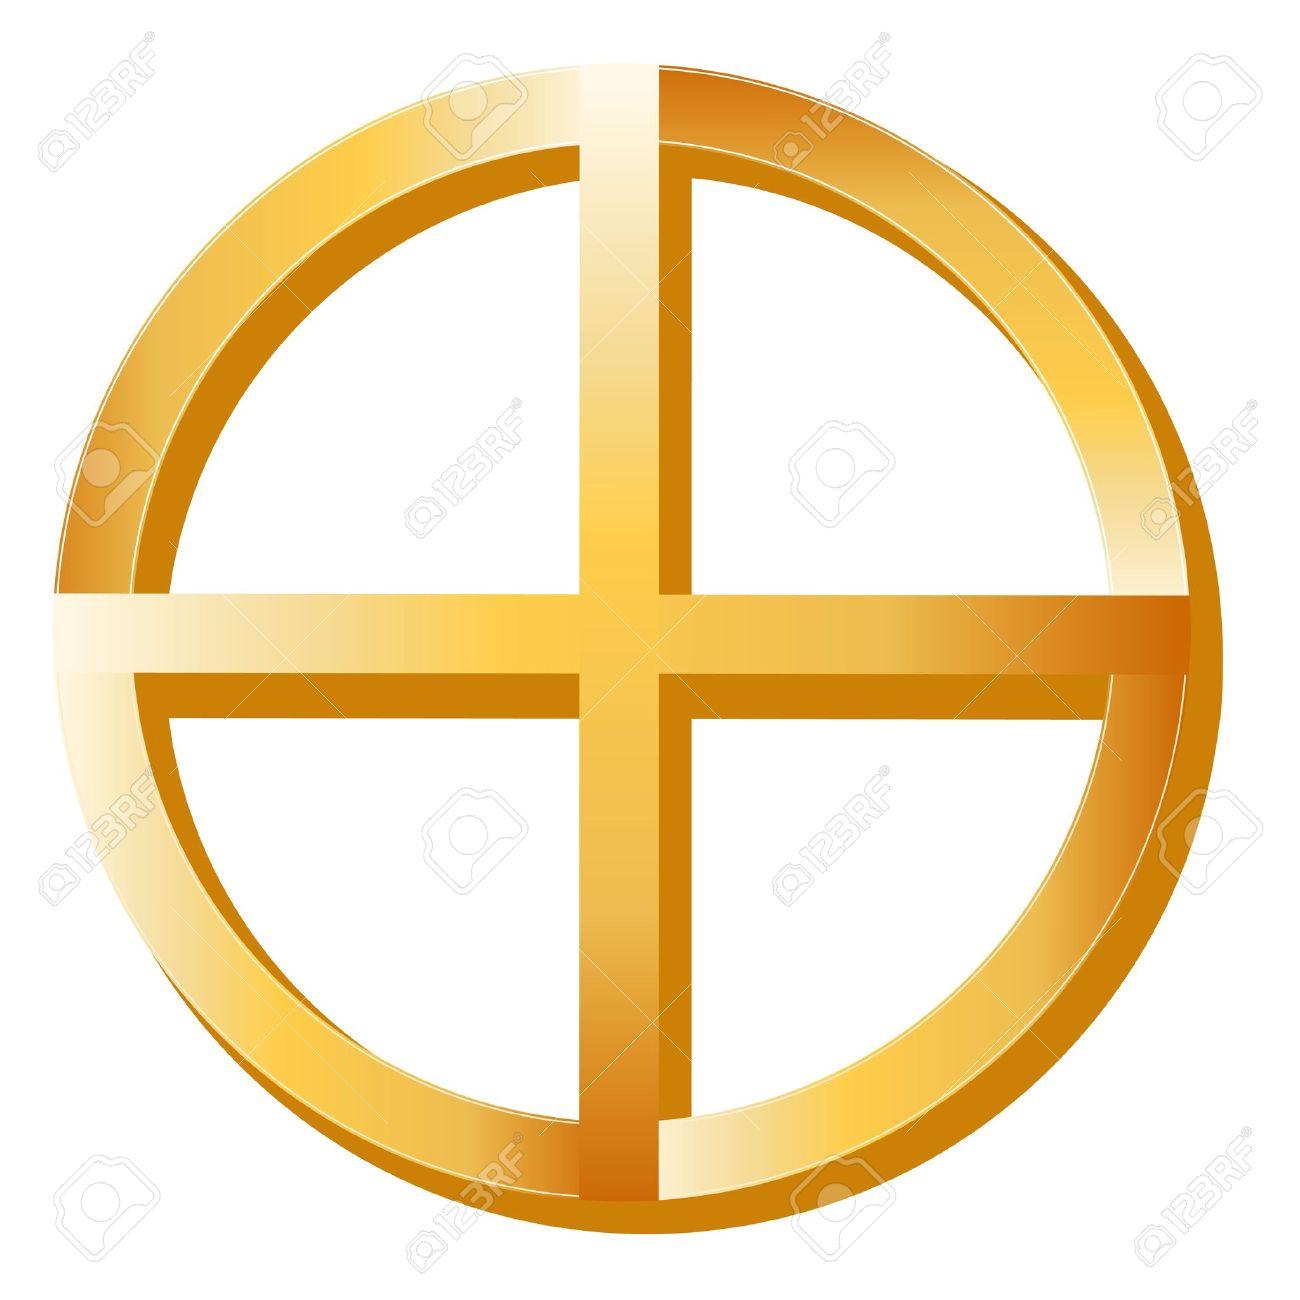 Native Spirituality Symbol. Golden Medicine Wheel, symbol of Native Spirituality, white background. Stock Vector - 12392257